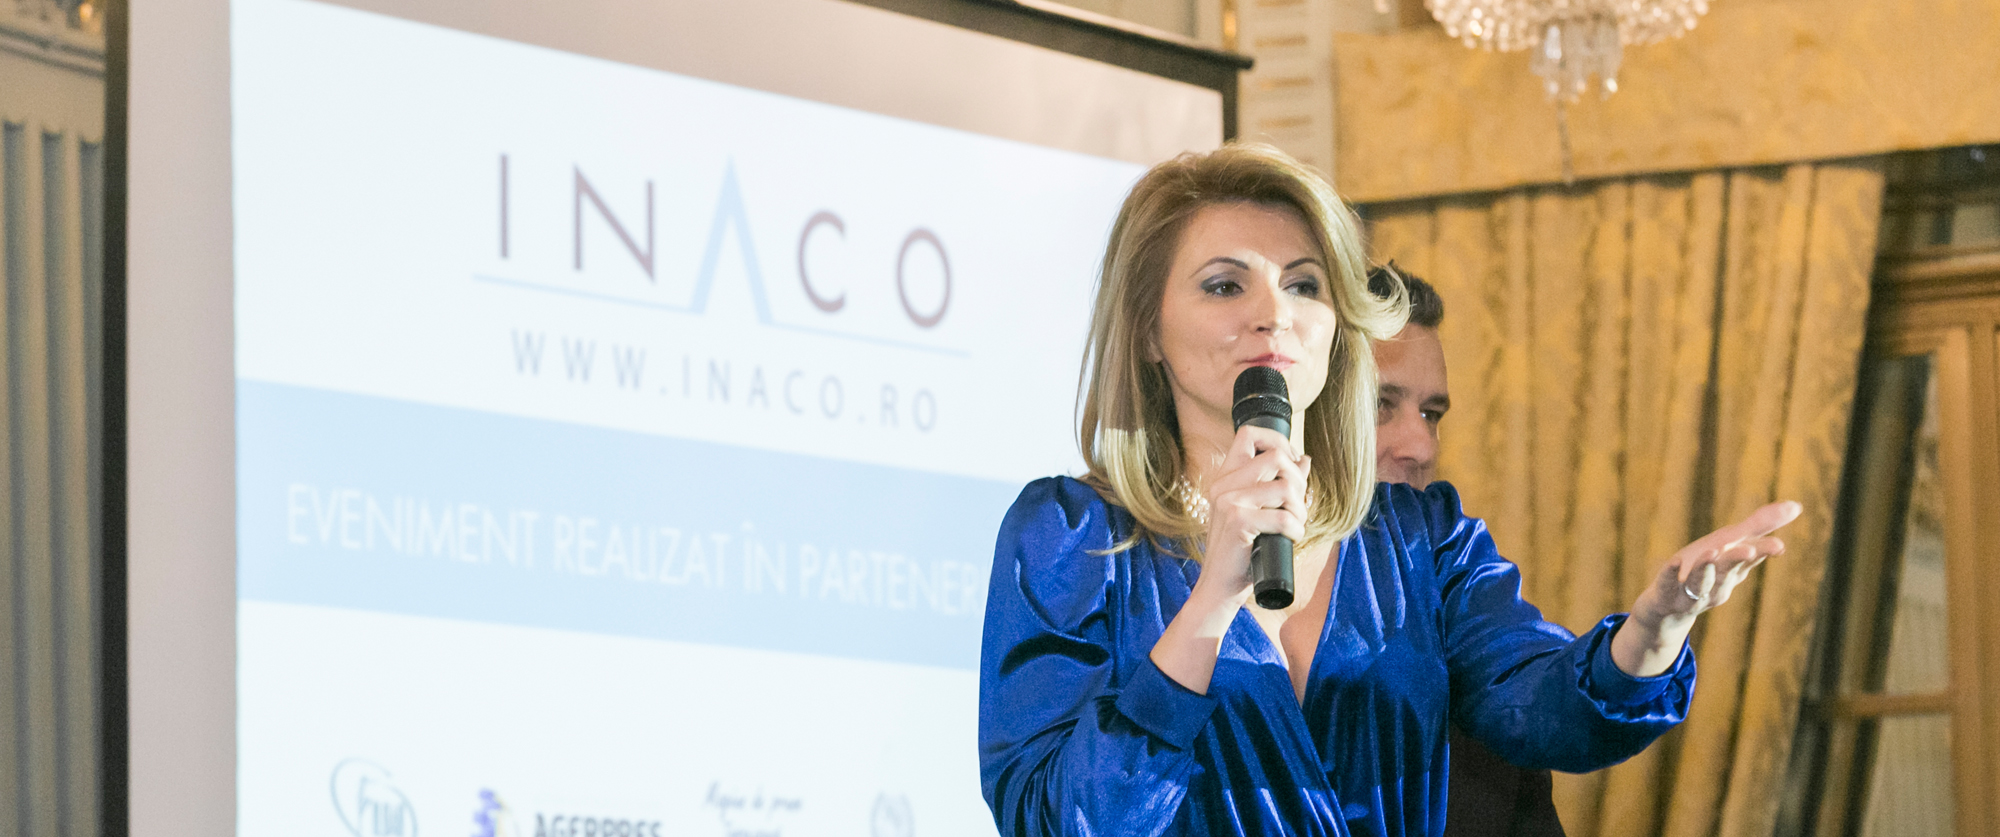 7 premii de excelență la primul an de inițiativă în competitivitate, sărbătorite la Gala INACO